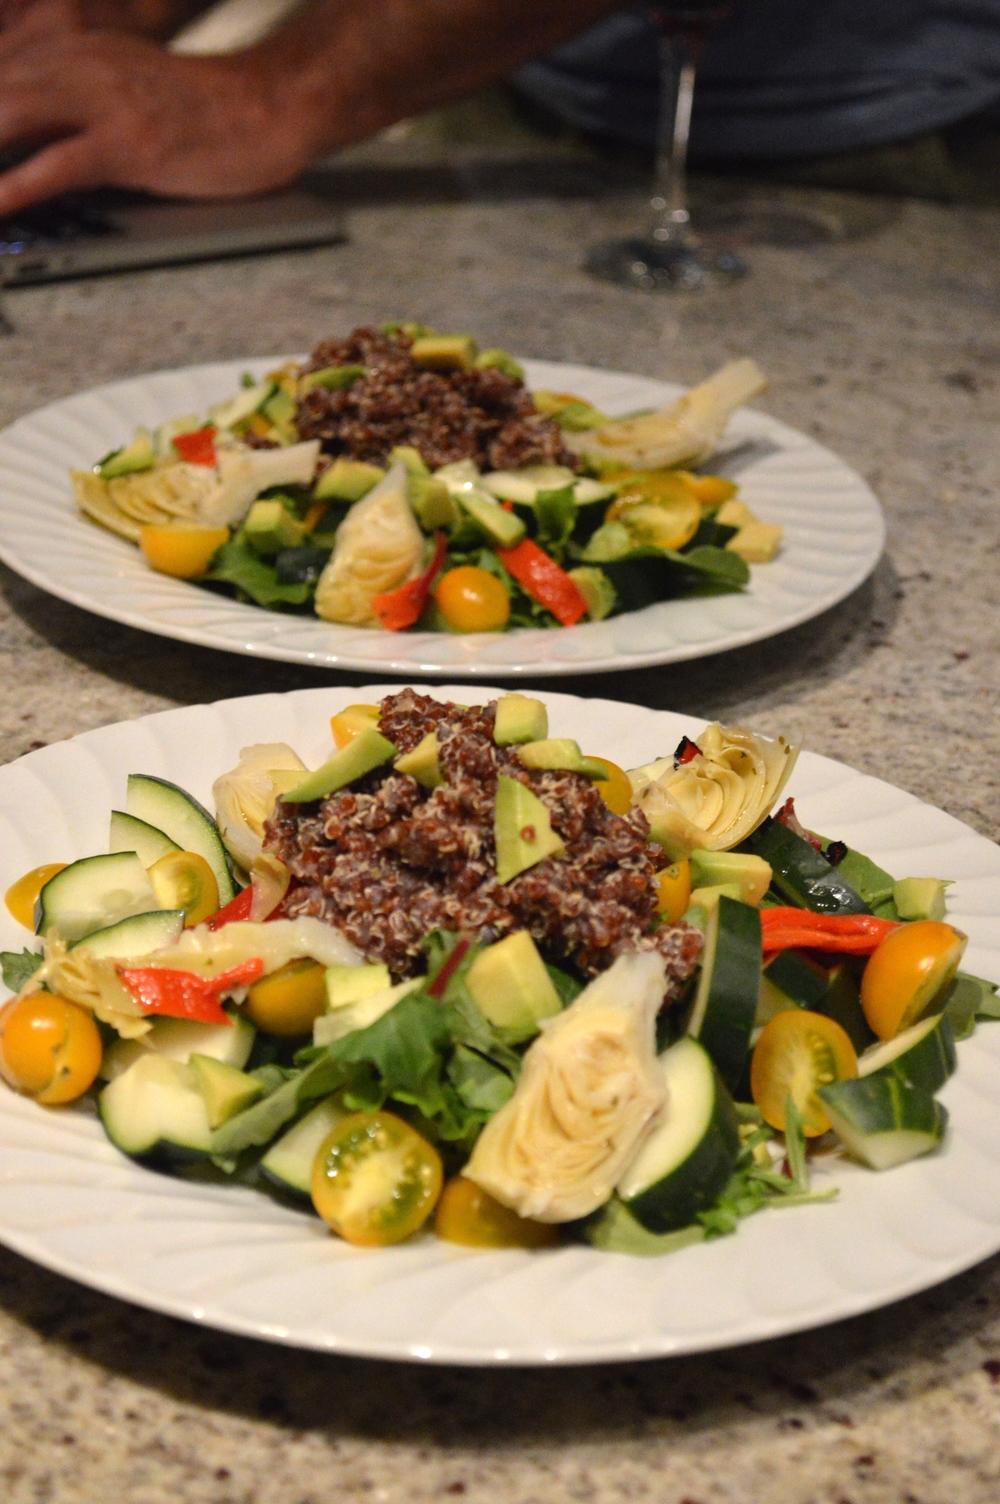 LaurenSchwaiger-Healthy-Life-Style-Blog-Quinoa-Salad.jpg